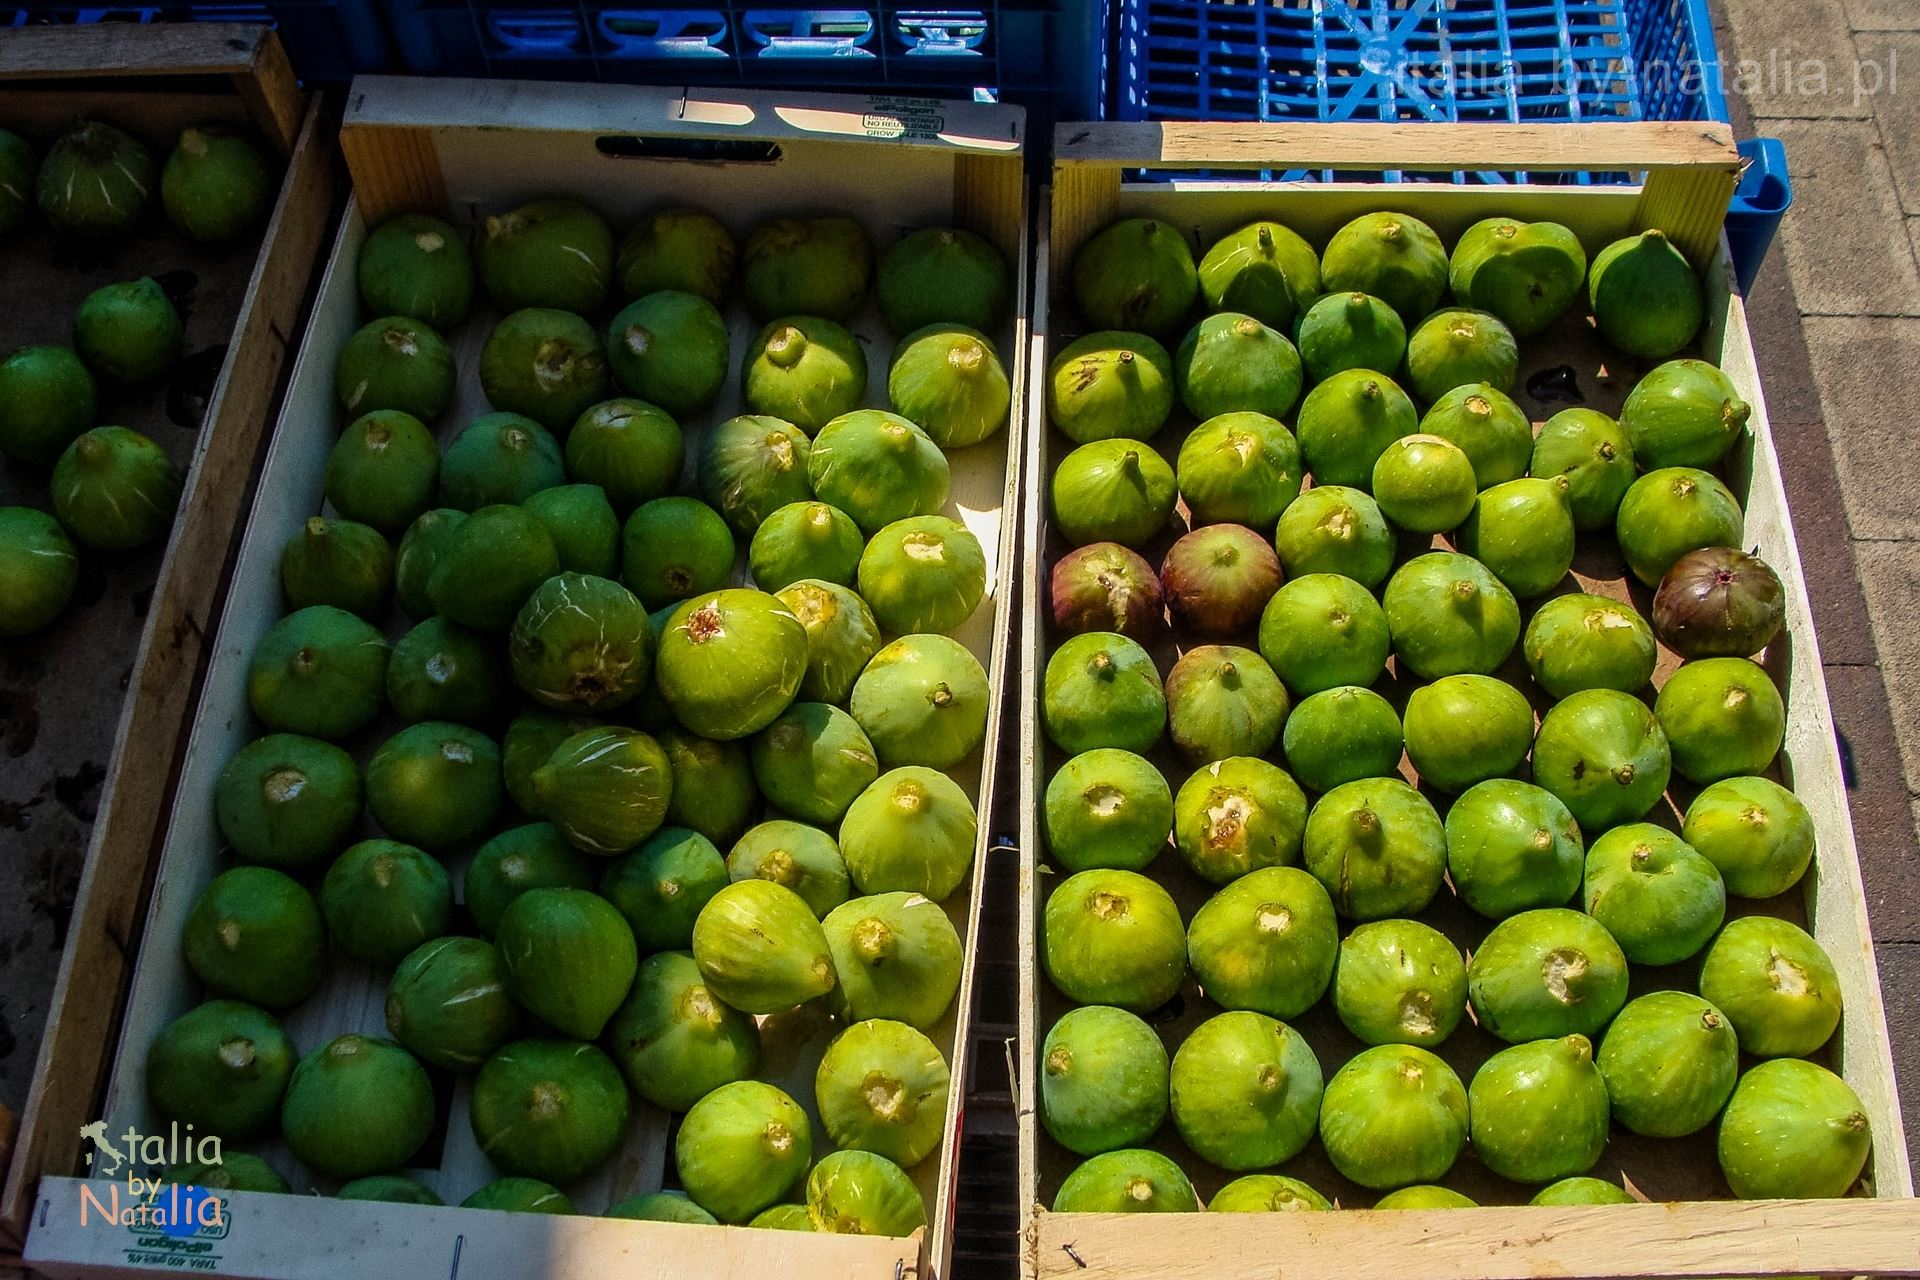 Matera Bazylikata targ owoce figi kiedy jechać do apulii i bazylikaty